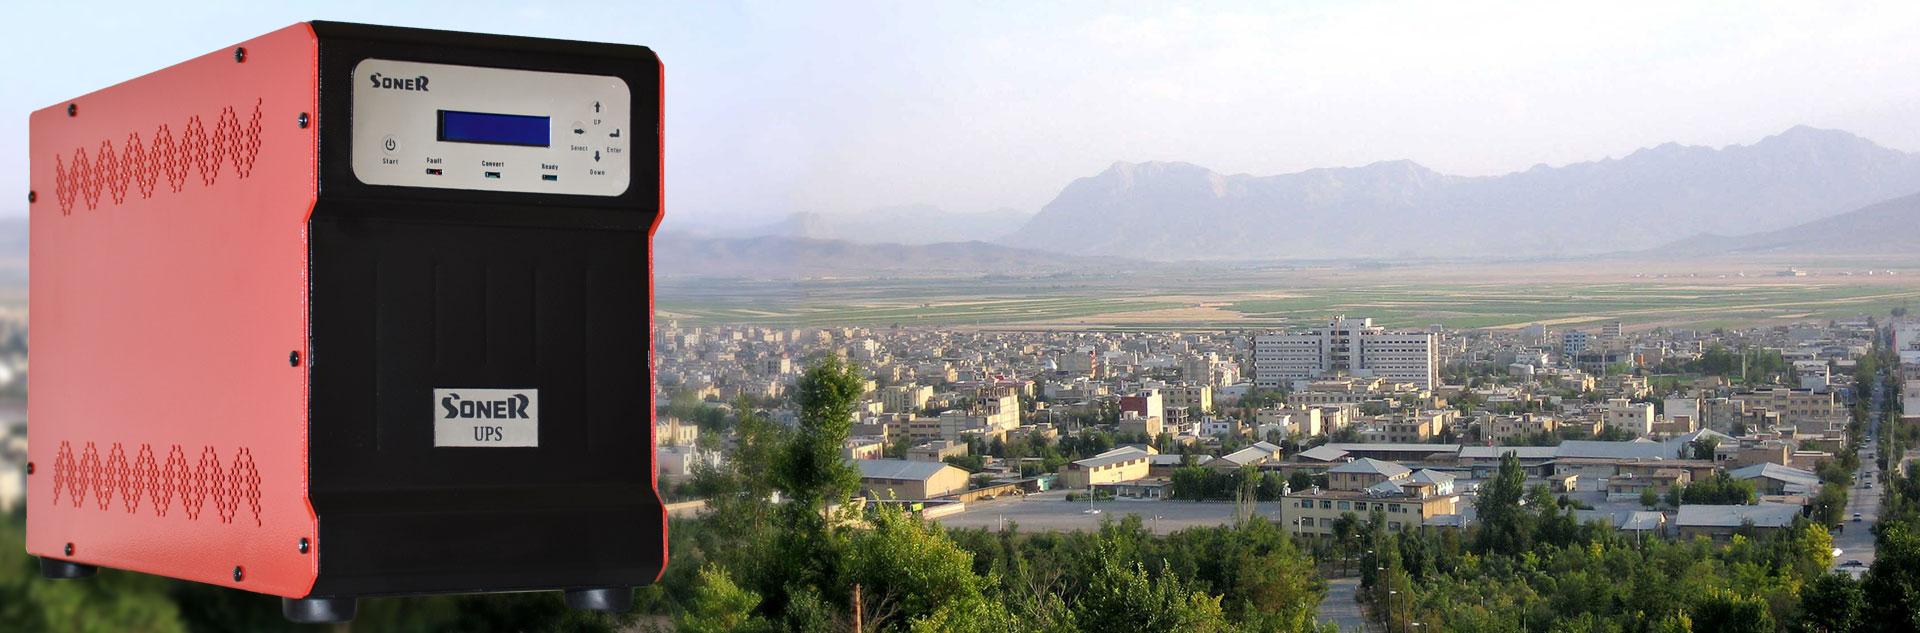 فروش دستگاه یو پی اس ایرانی سونر در شهرکرد